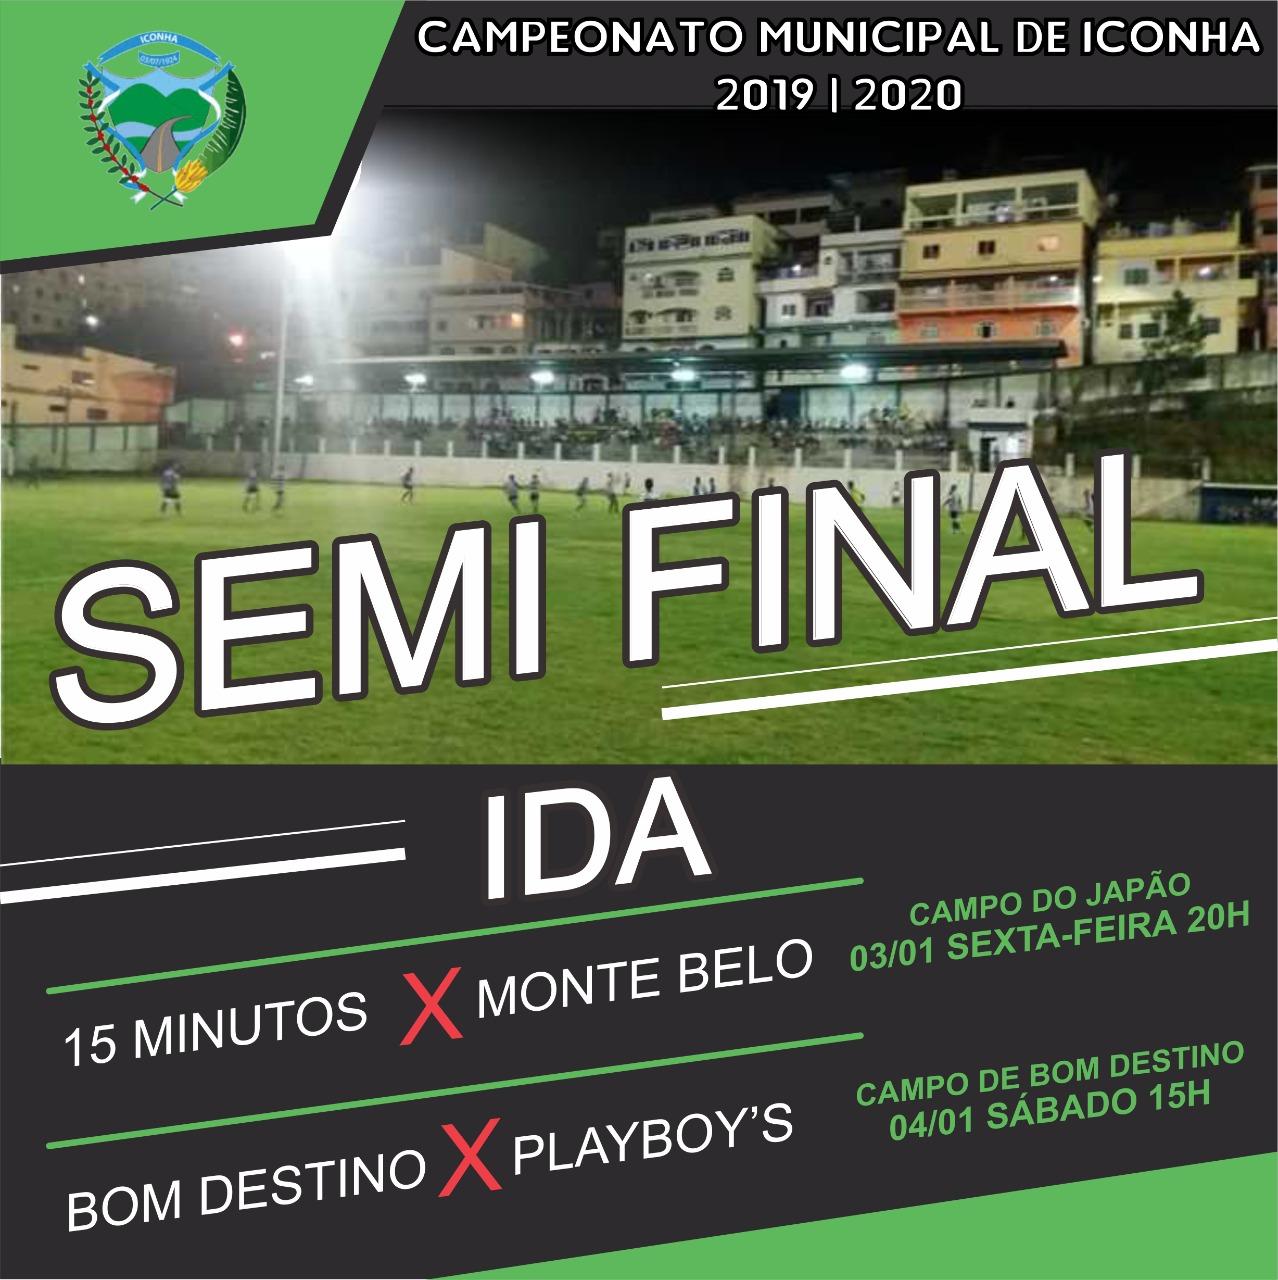 Vão começar as semifinais do Municipal de Iconha